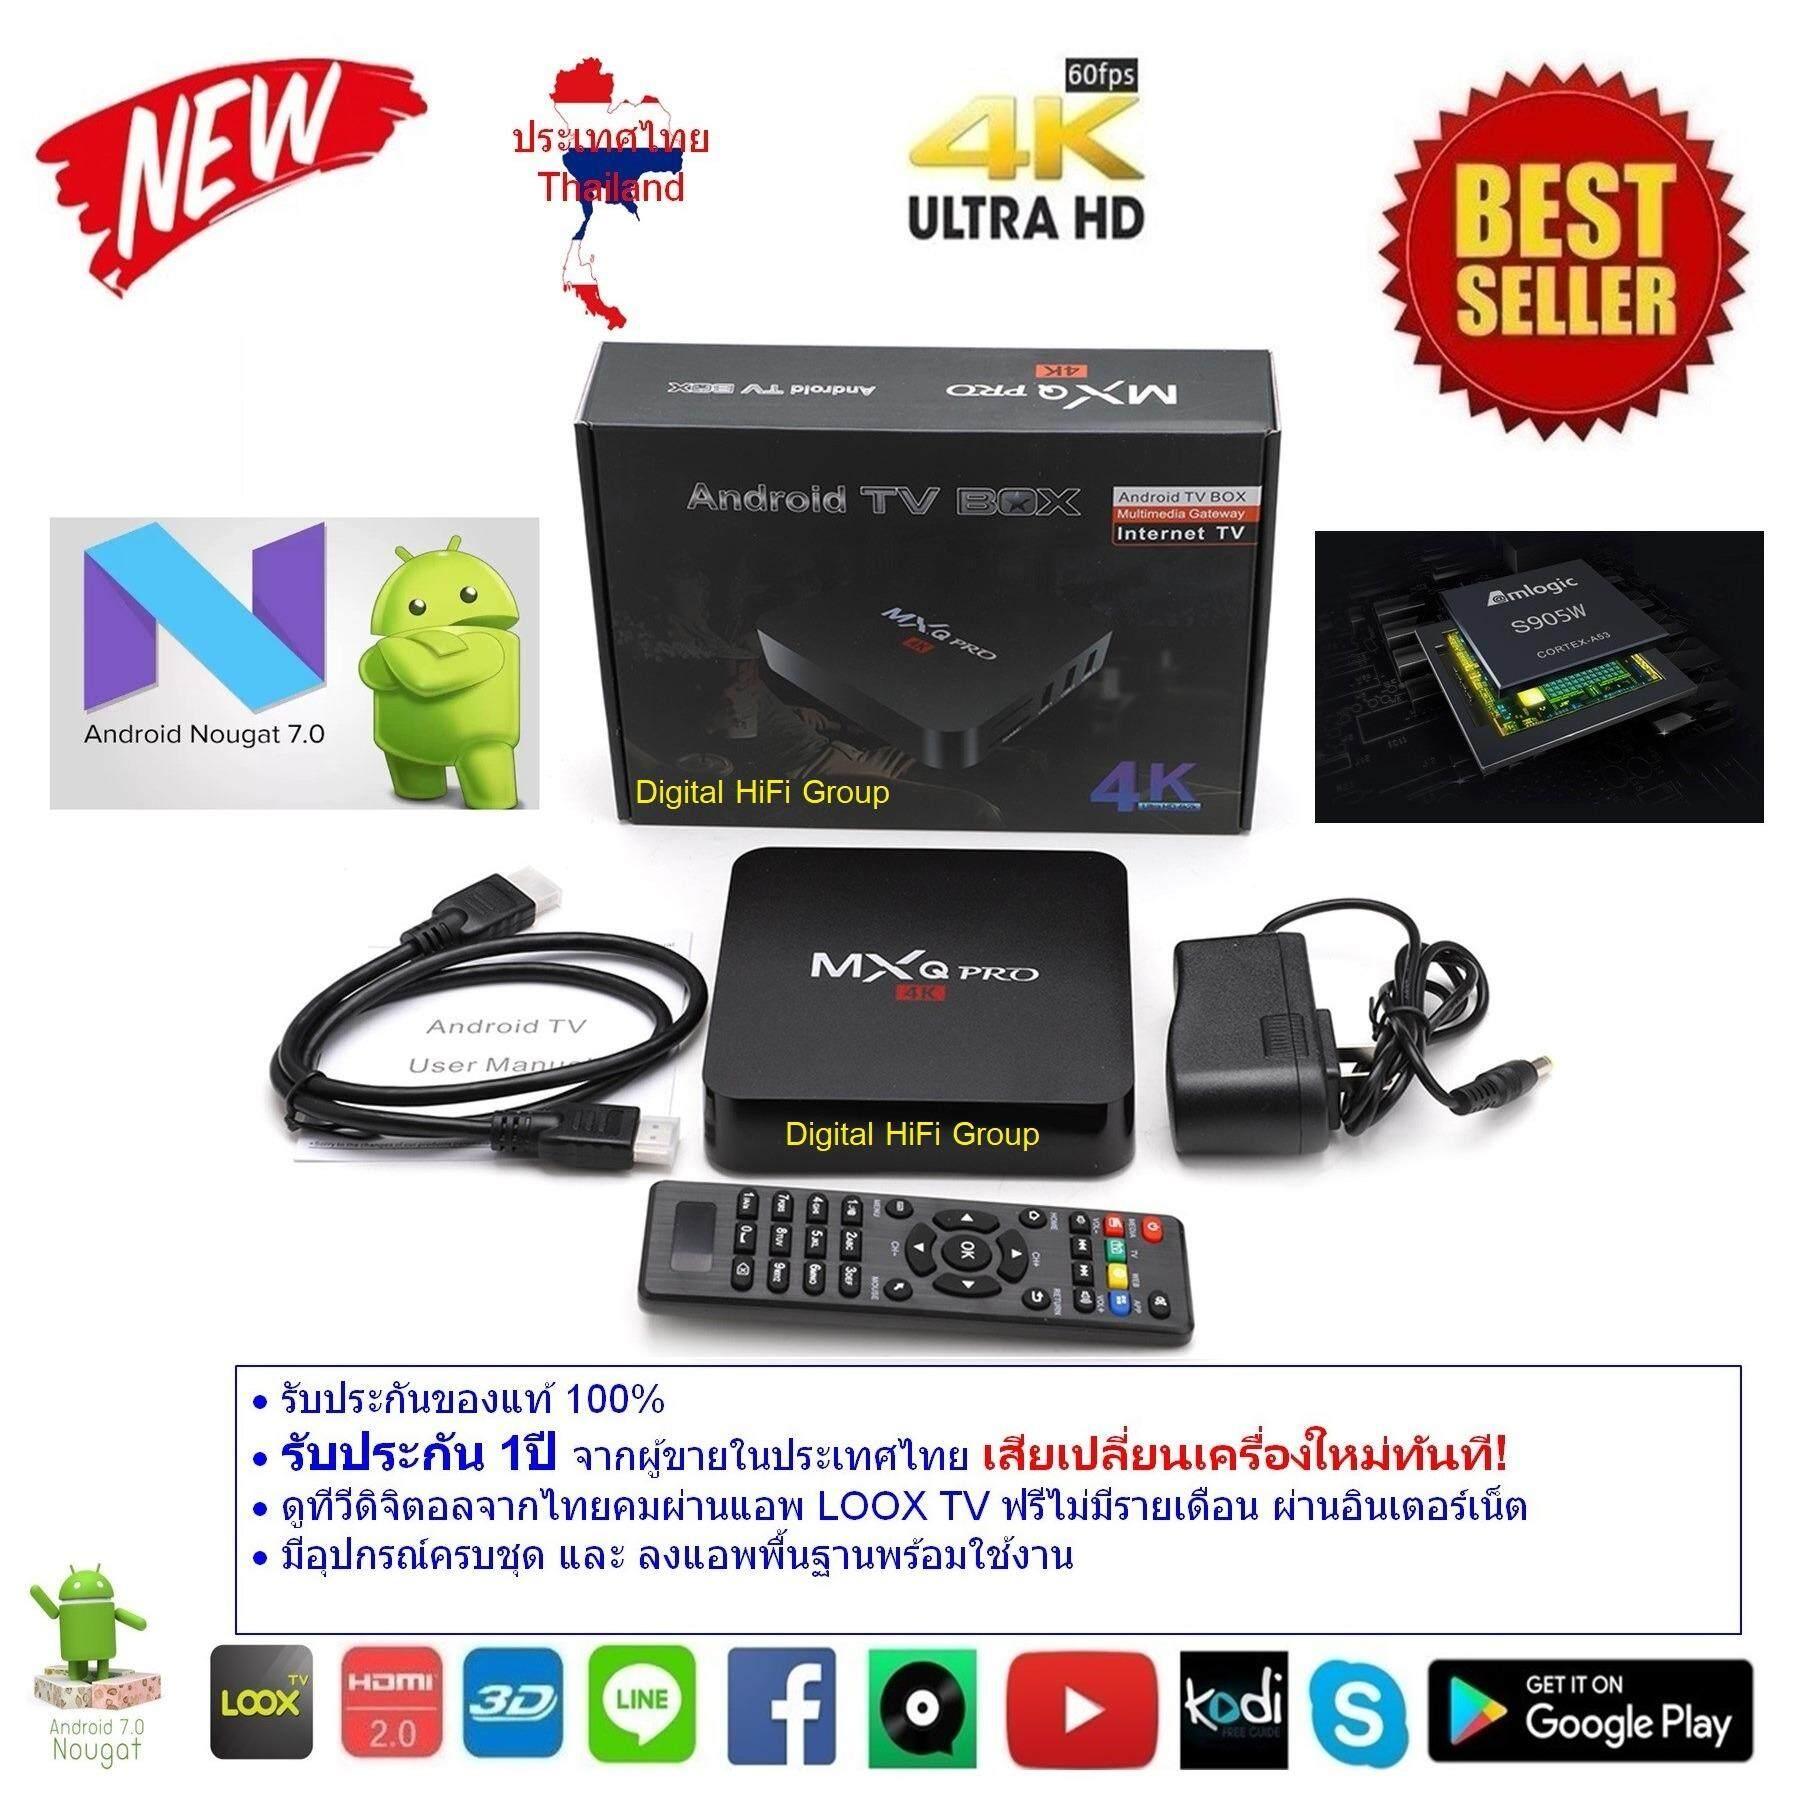 การใช้งาน  พิจิตร 【MXQ Pro】กล่องแอนดรอยด์รุ่นใหม่ปี MXQ Pro Android Smart TV Box MXQ Pro UHD 4K Ram 4GB 32G DDR3 Android 7.1.2 Nougat